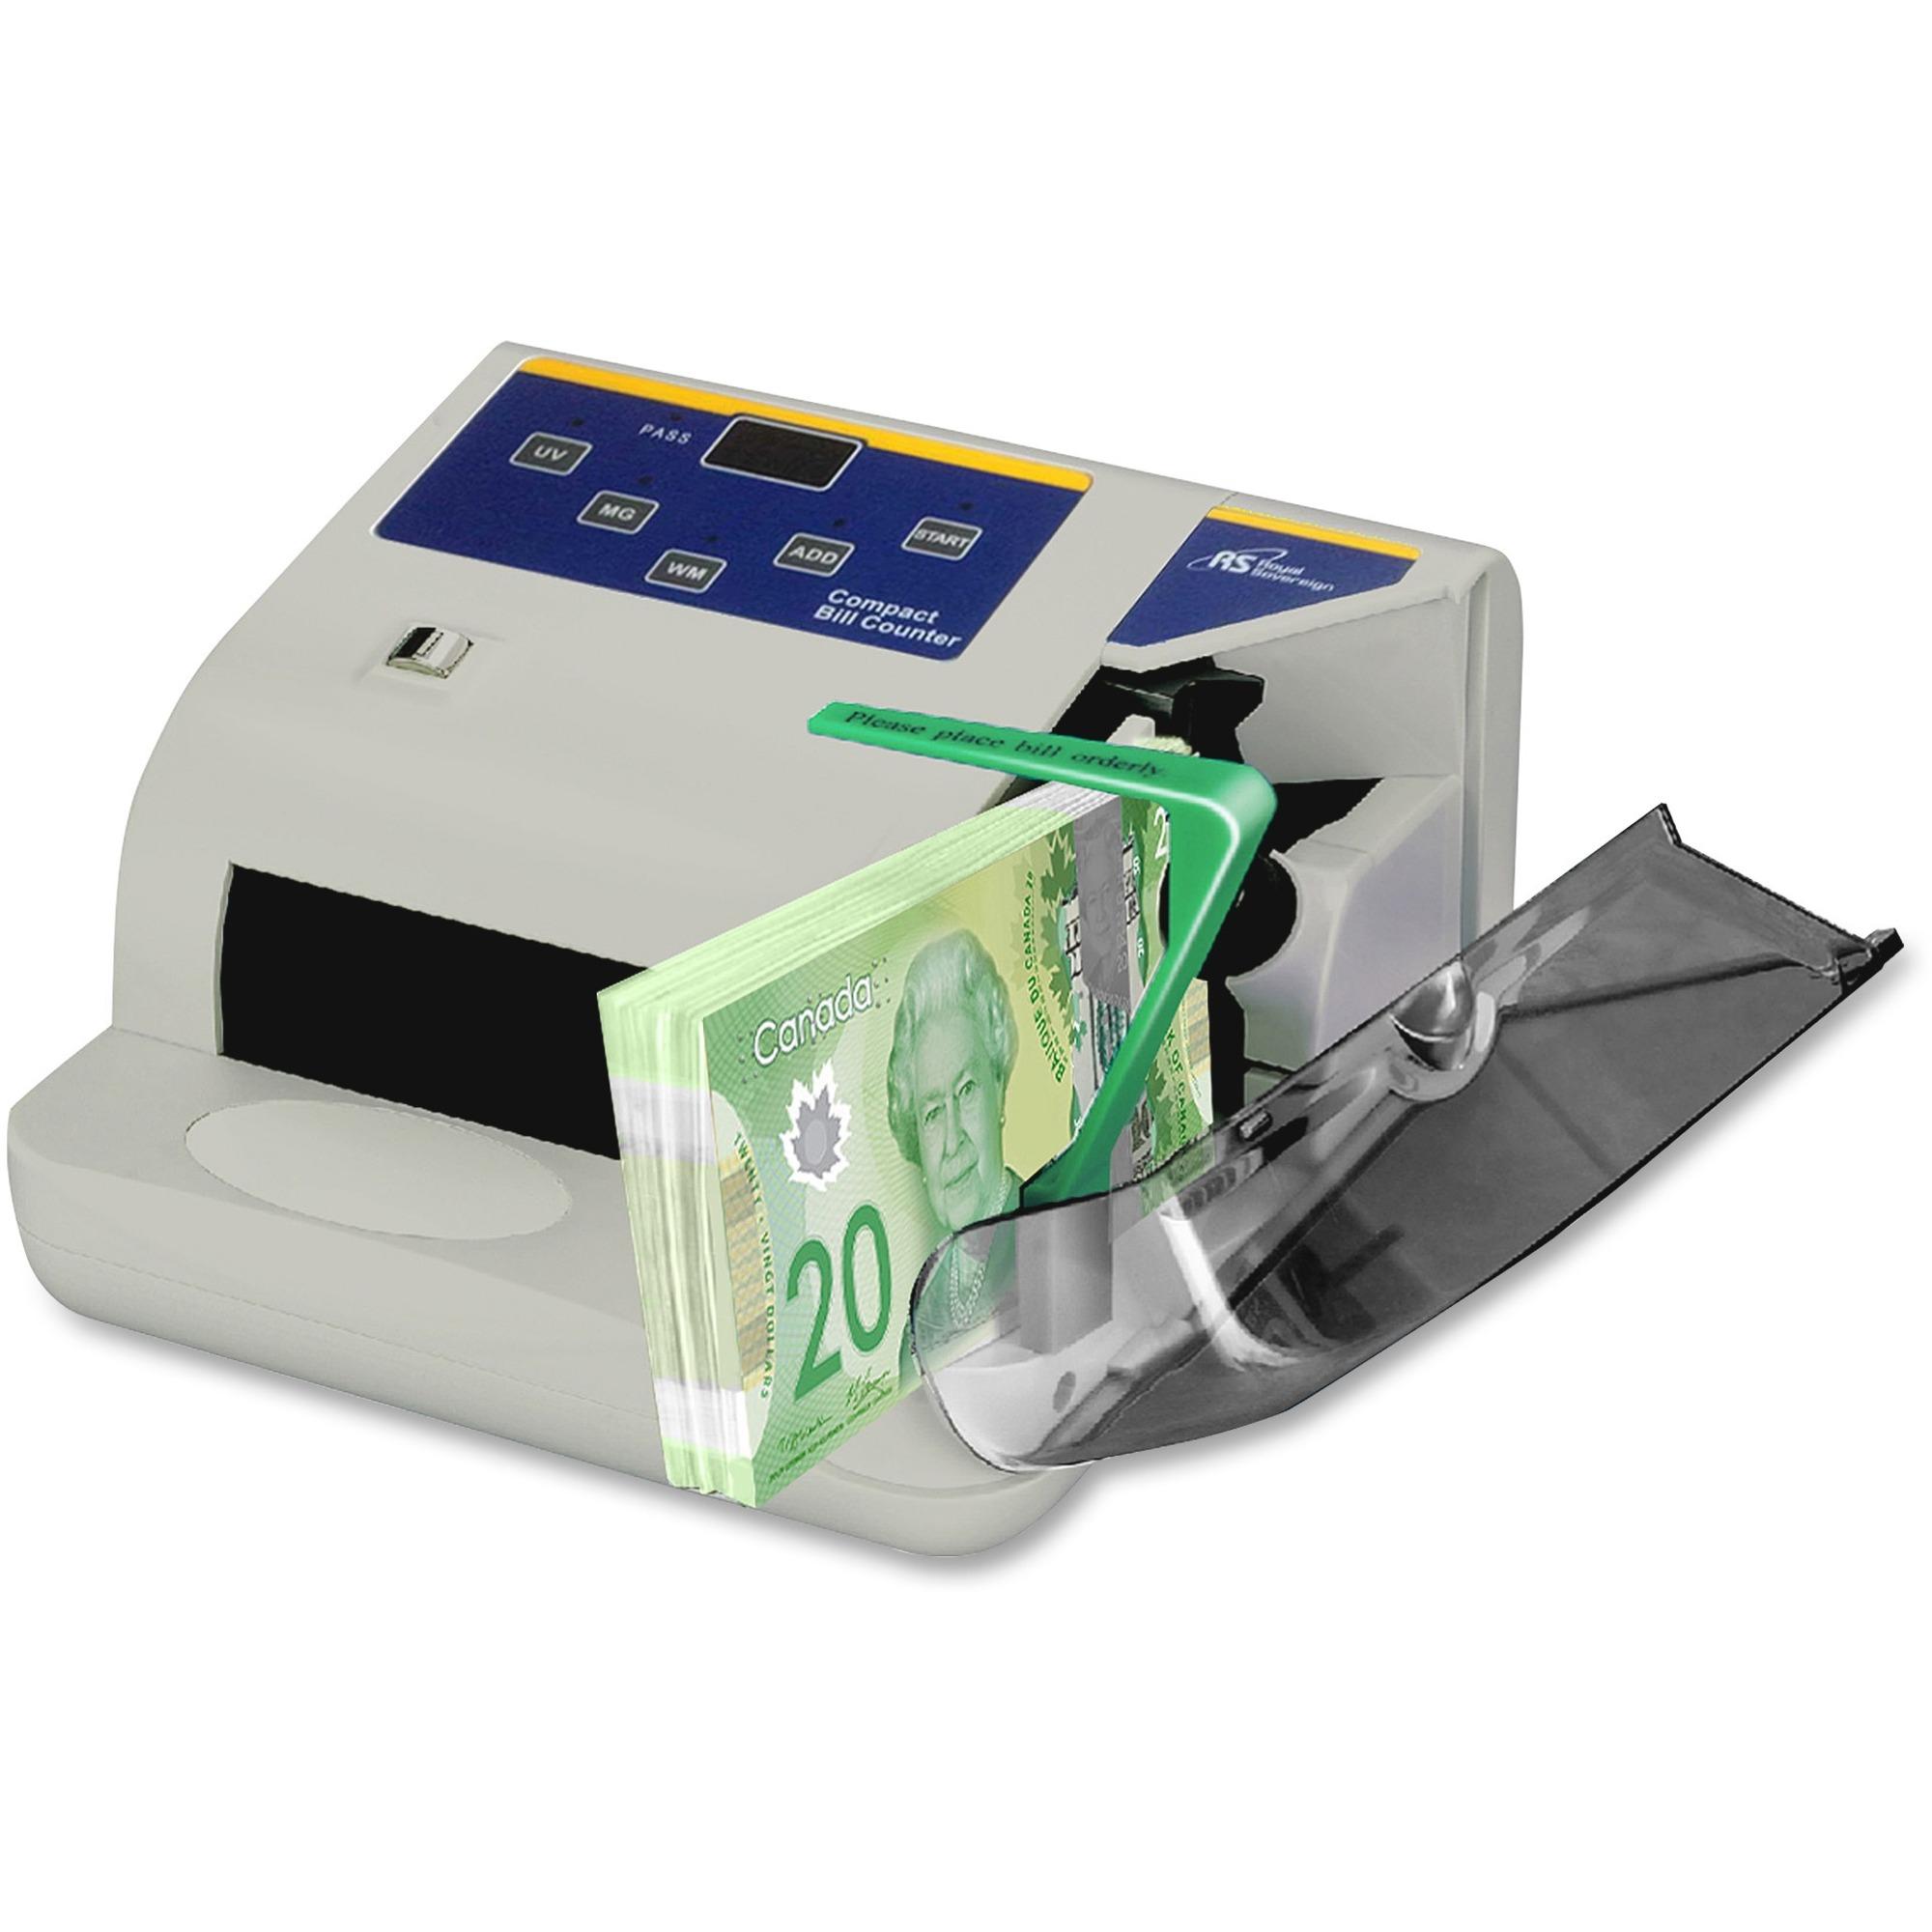 Royal Sovereign Banknote Counter 150 Bill Capacity